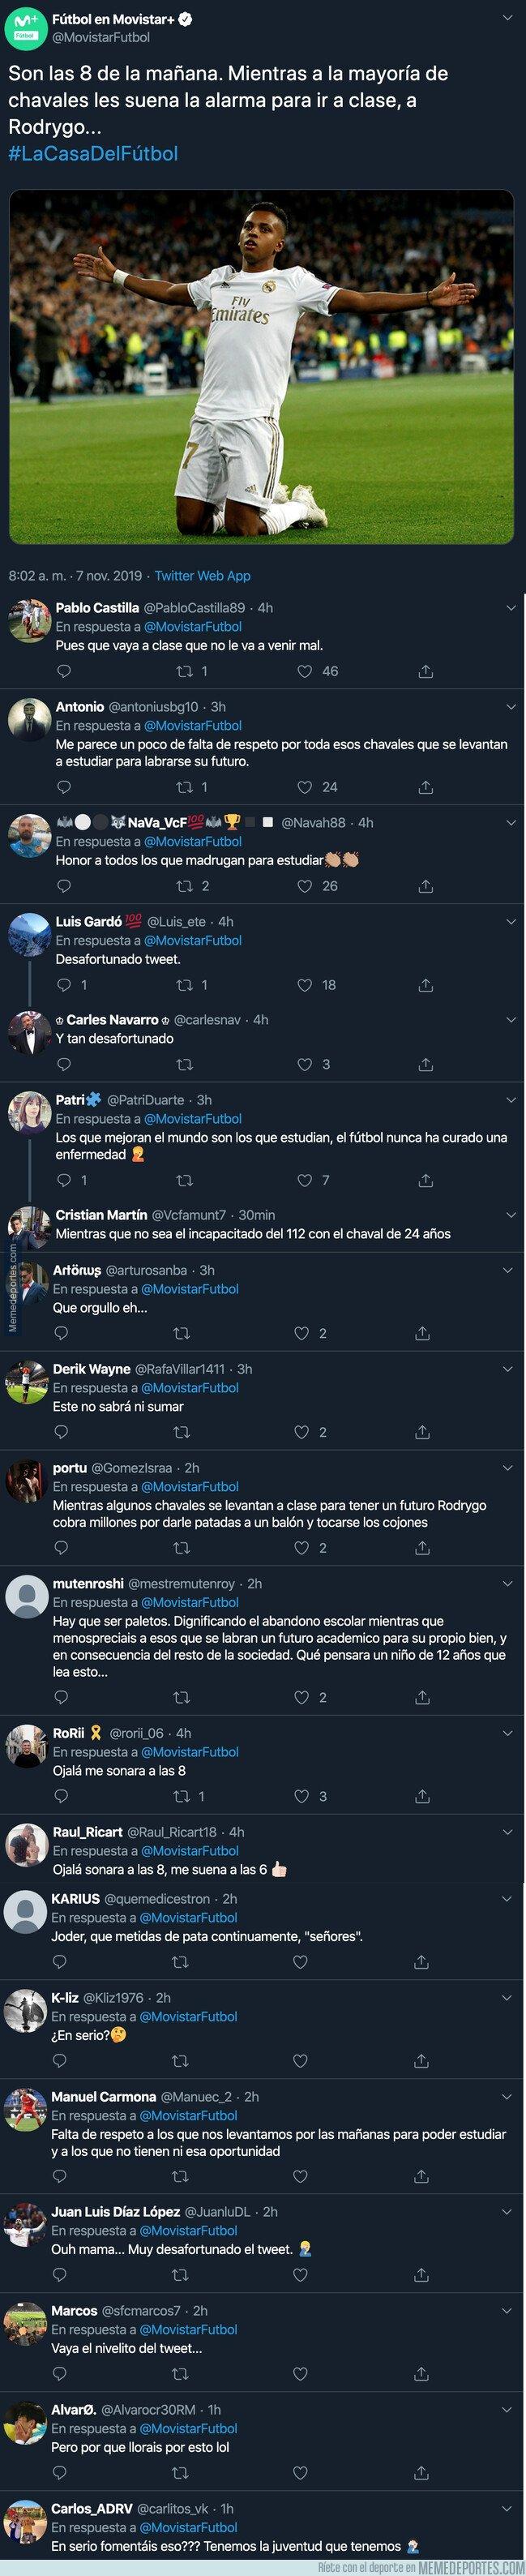 1090364 - El lamentable tuit de Movistar+ Fútbol sobre Rodrygo que está haciendo enfadar a muchos estudiantes